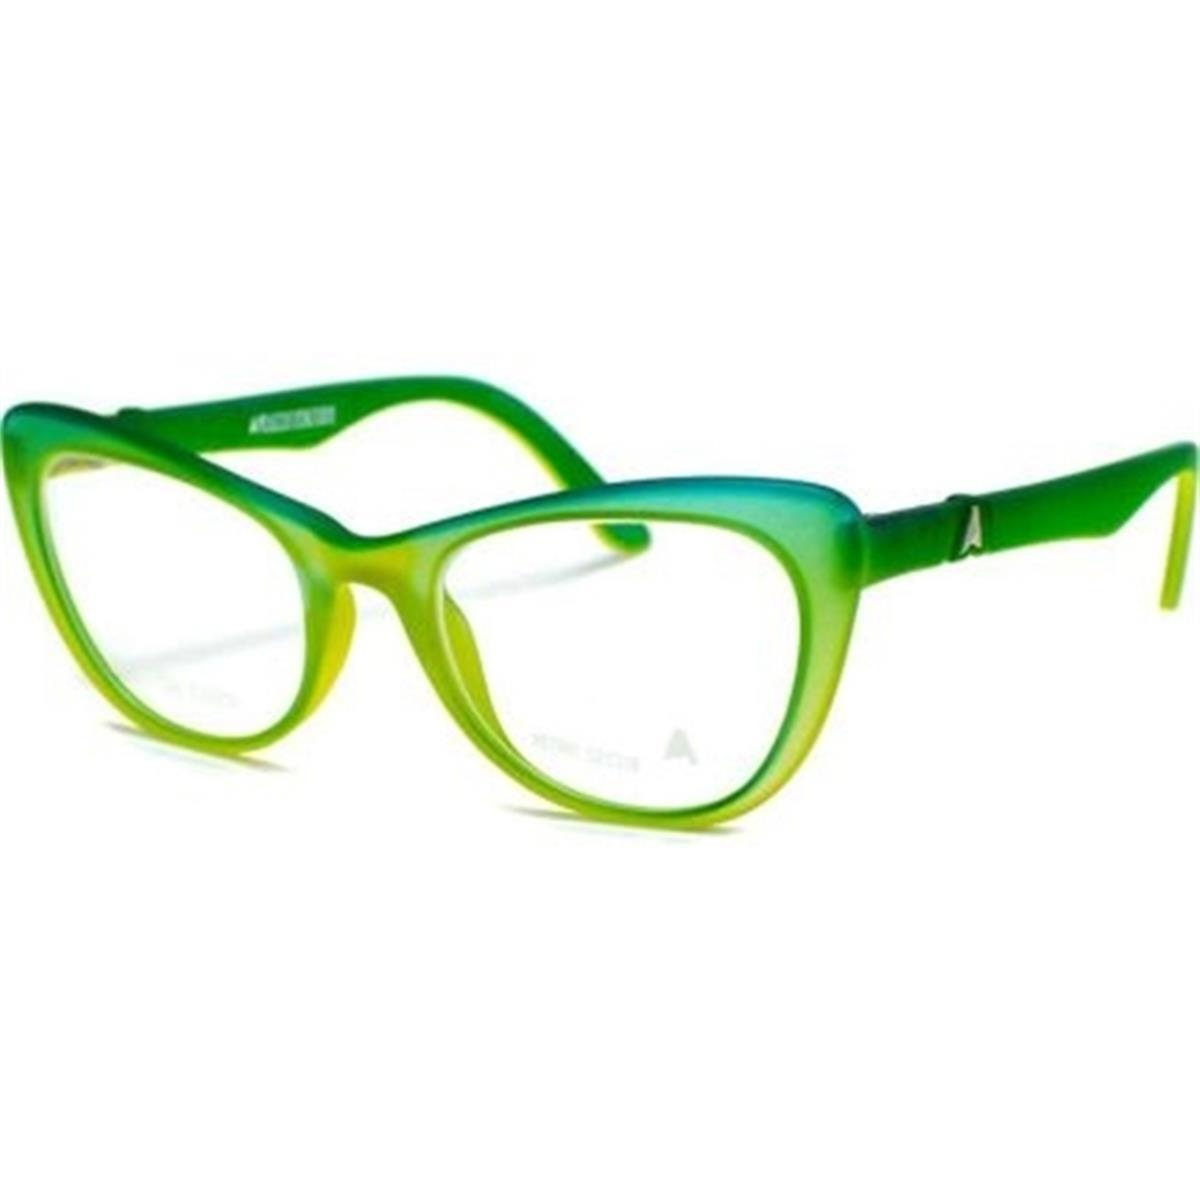 dbf7764070128 Armação Óculos de Grau Azul e Amarelo Retrô Retiro Absurda